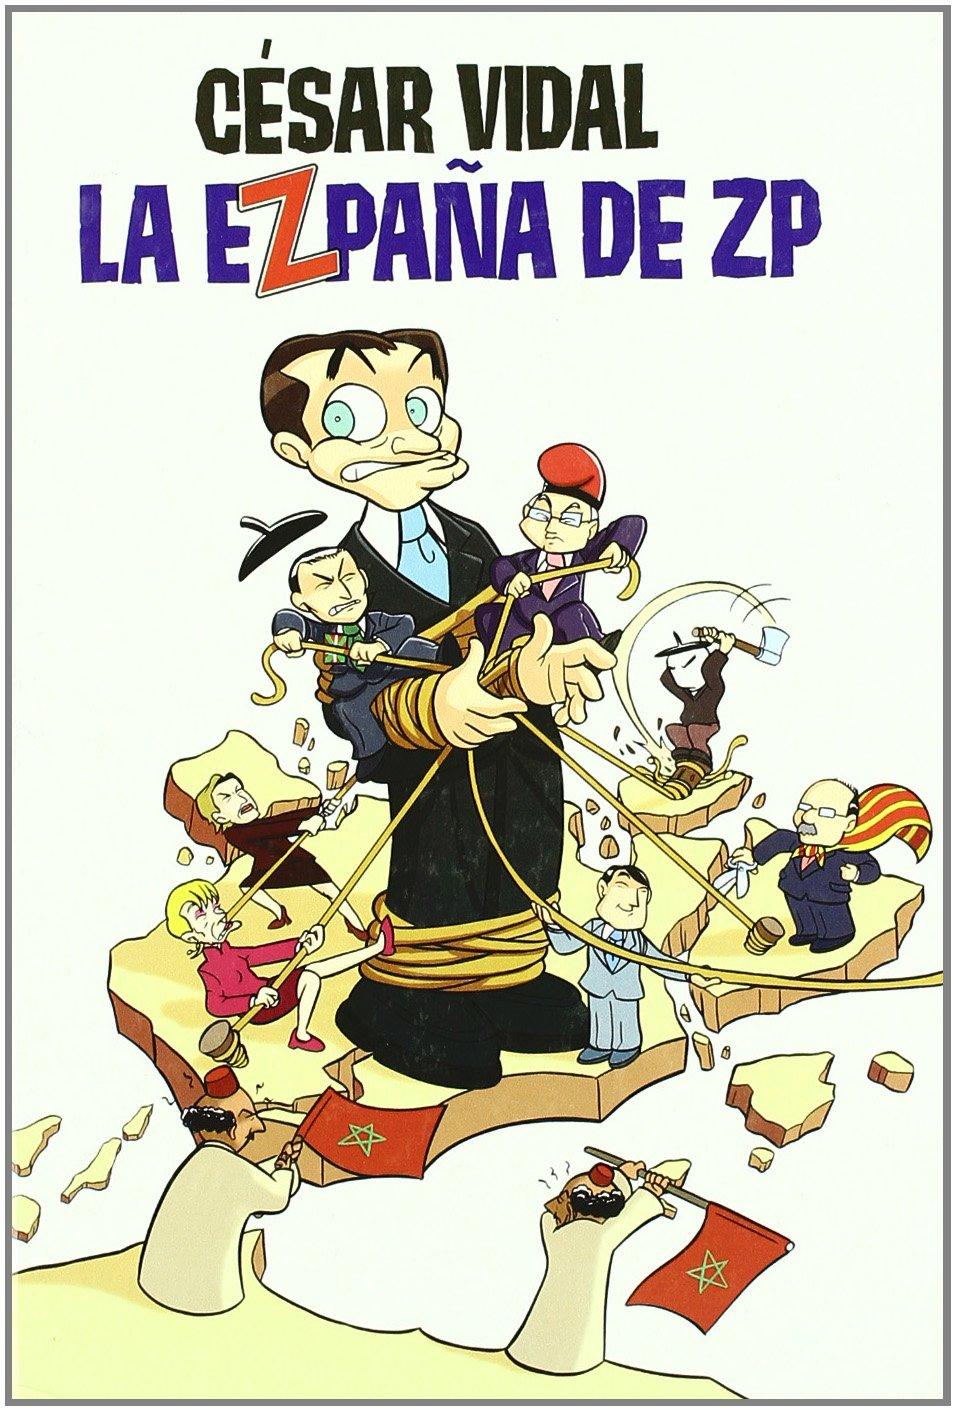 La Ezpaña de ZP (COMIC BOOKS): Amazon.es: Vidal, César: Libros